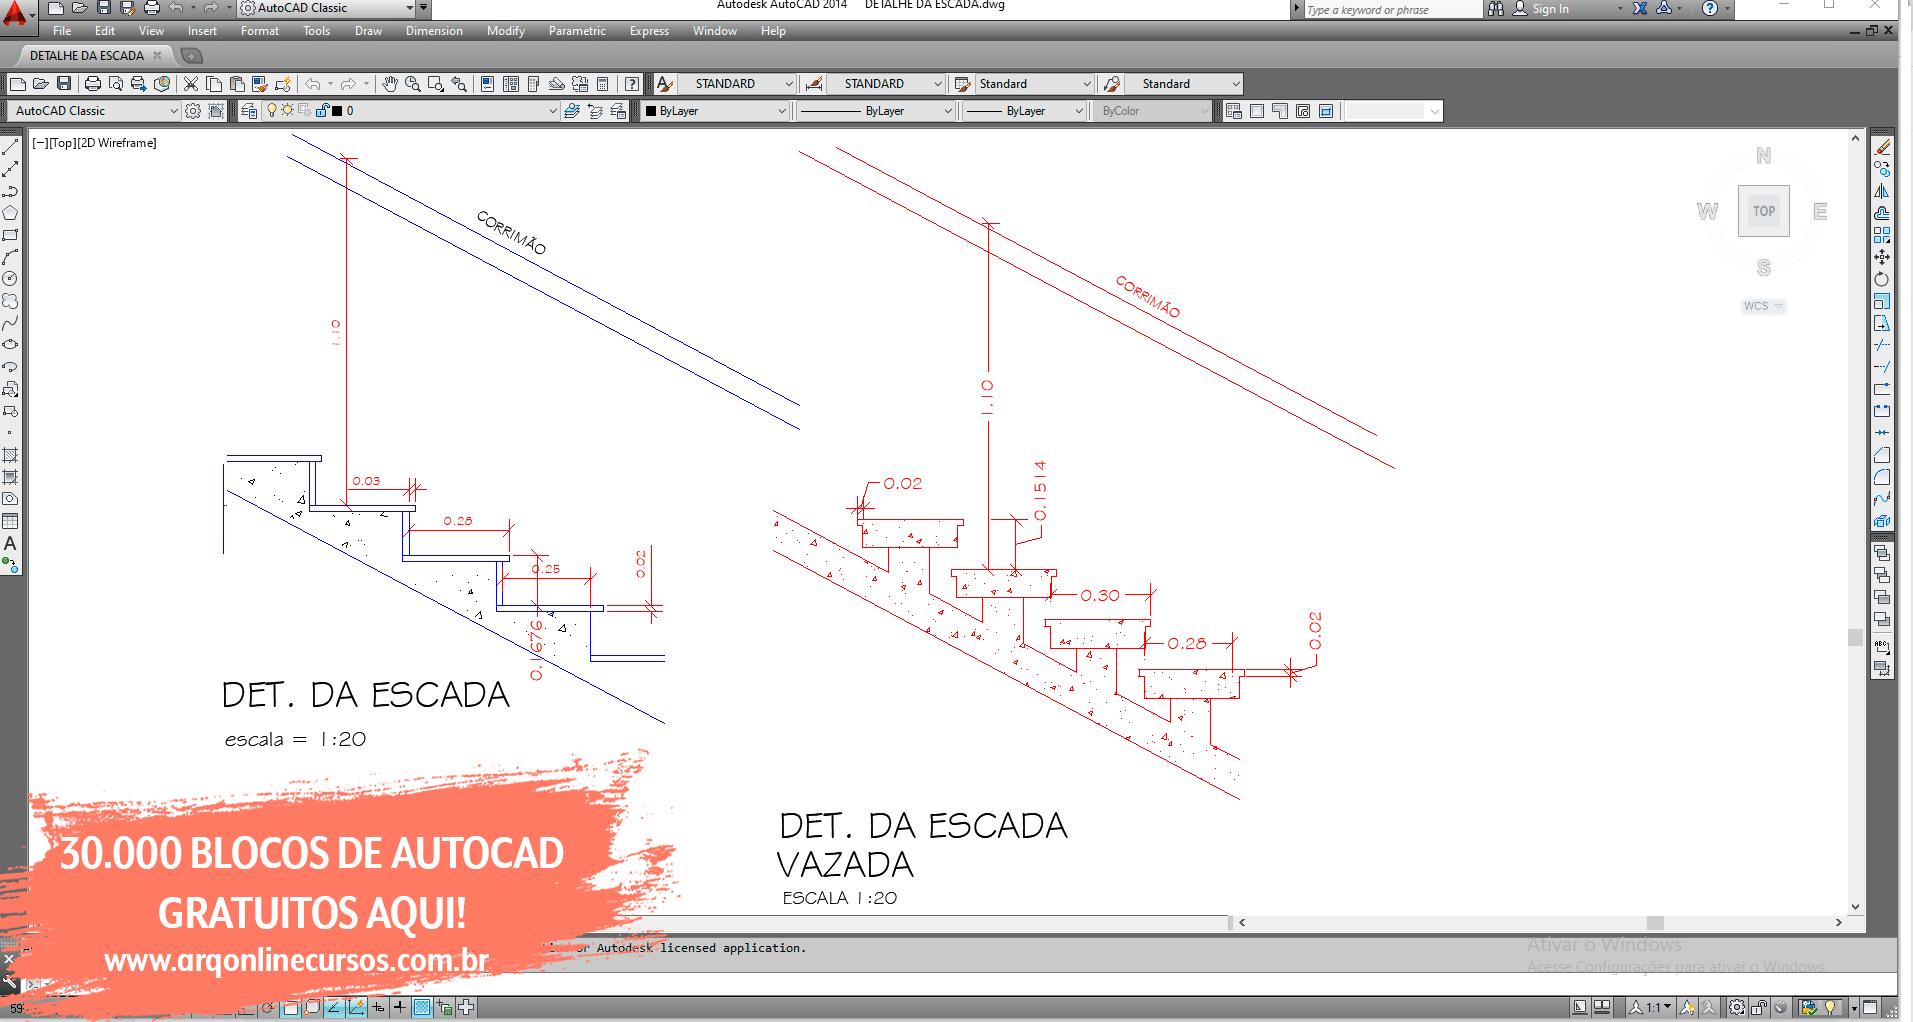 download blocos de autocad detalhamento escada